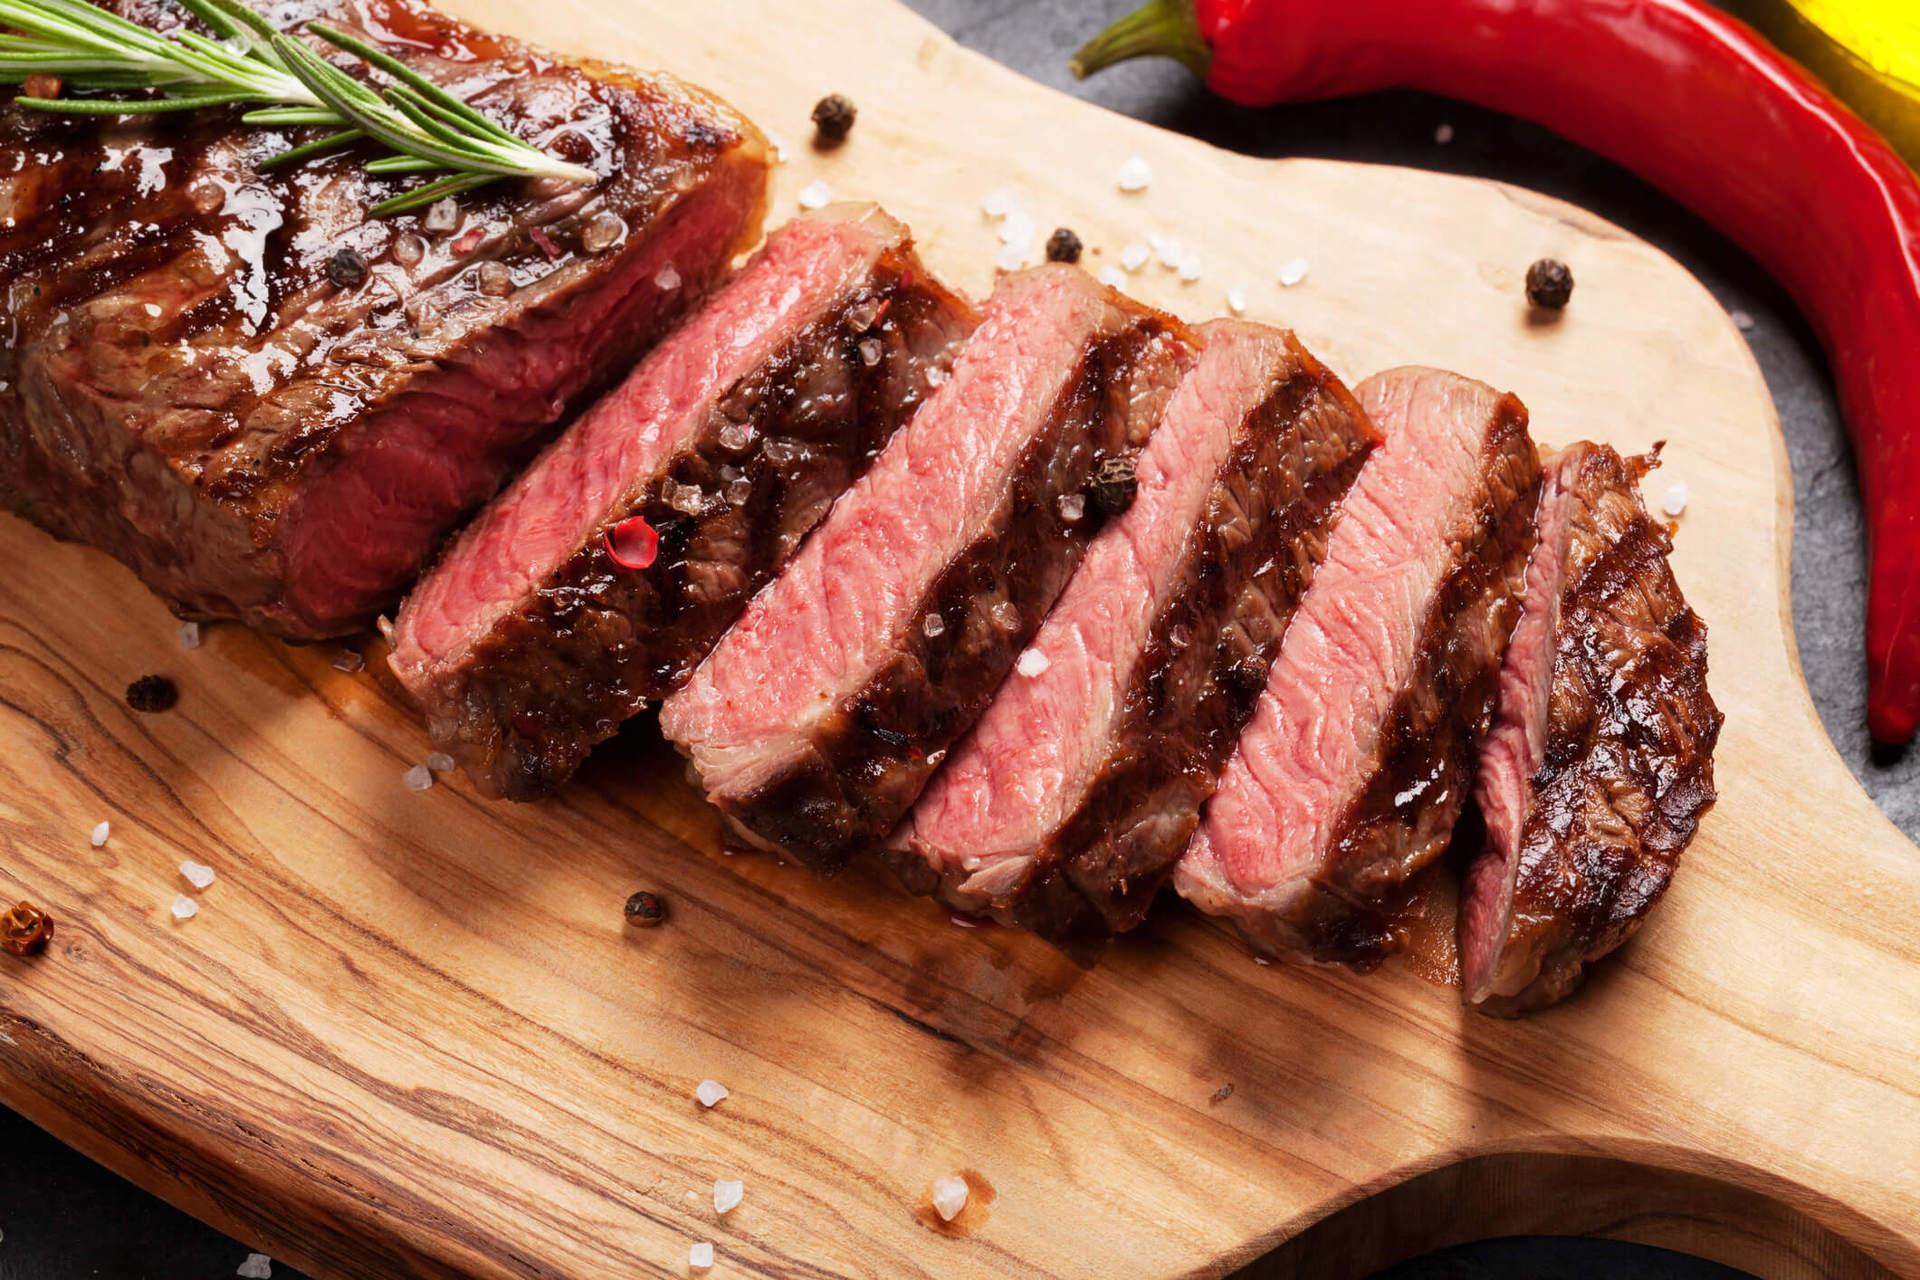 Estudos Mostram Relacao Entre Carne Vermelha E Cancer